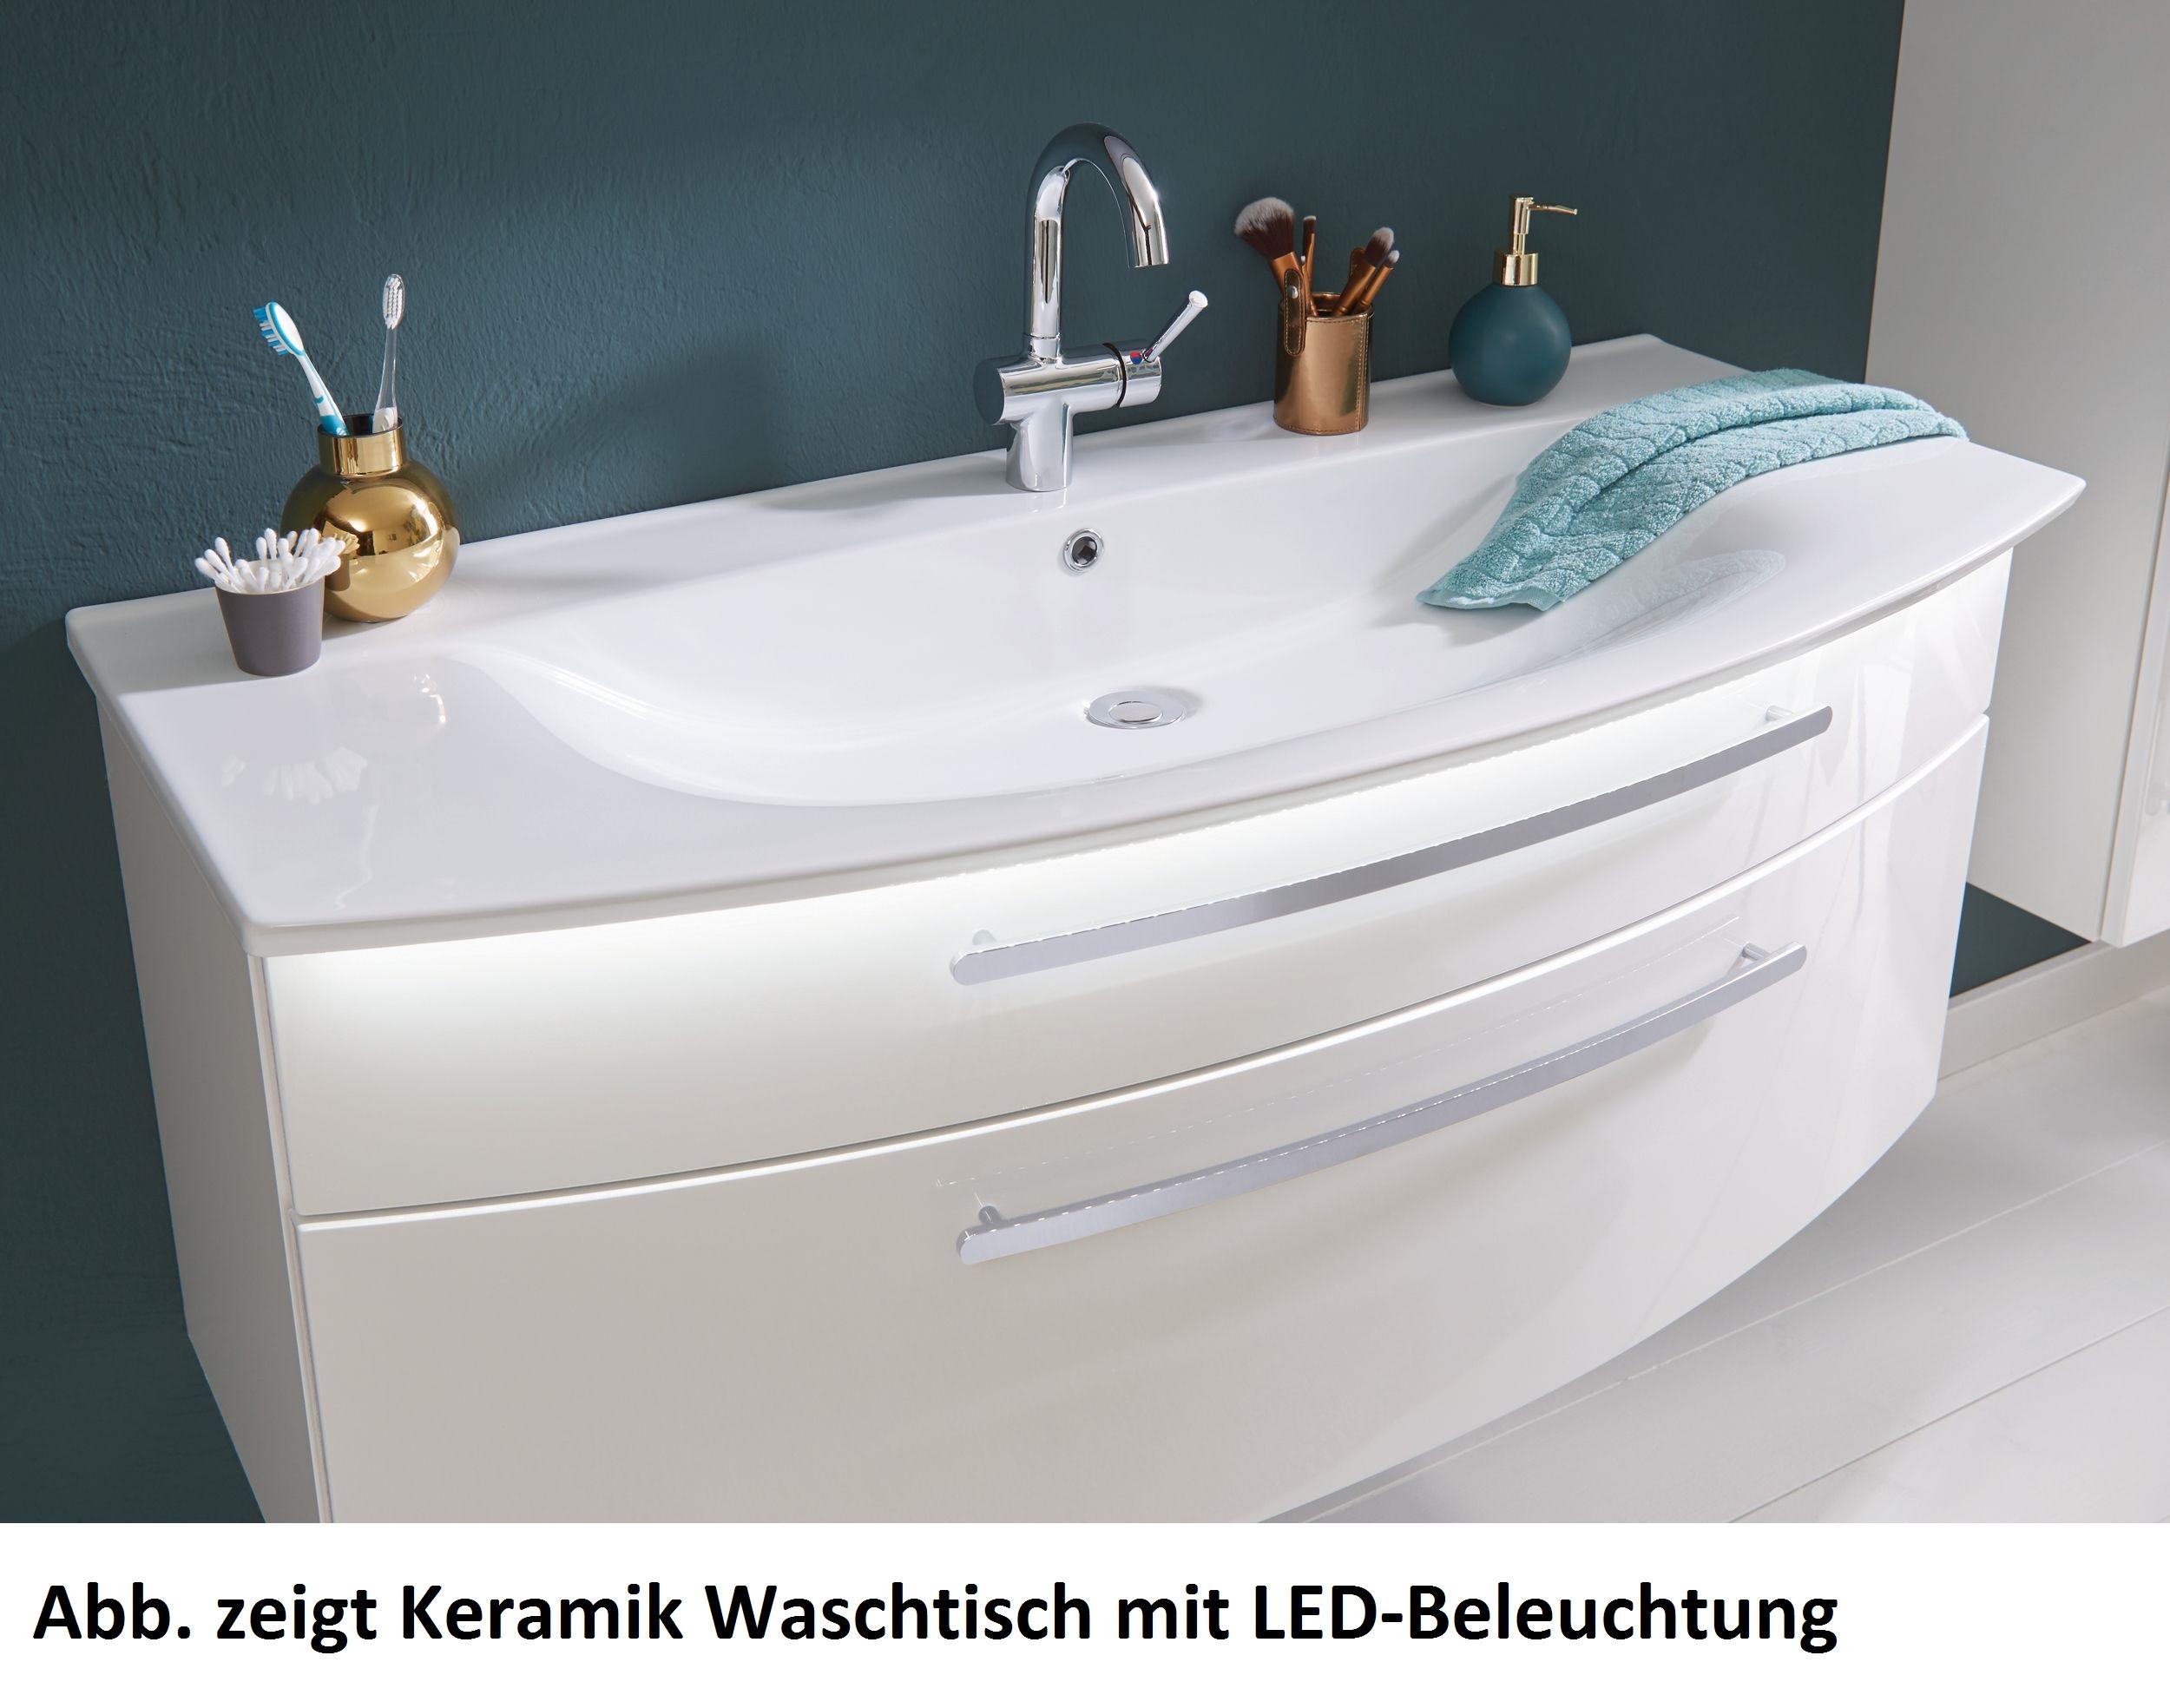 Puris Speed Waschtisch Mit Unterschrank 120 Cm Breit